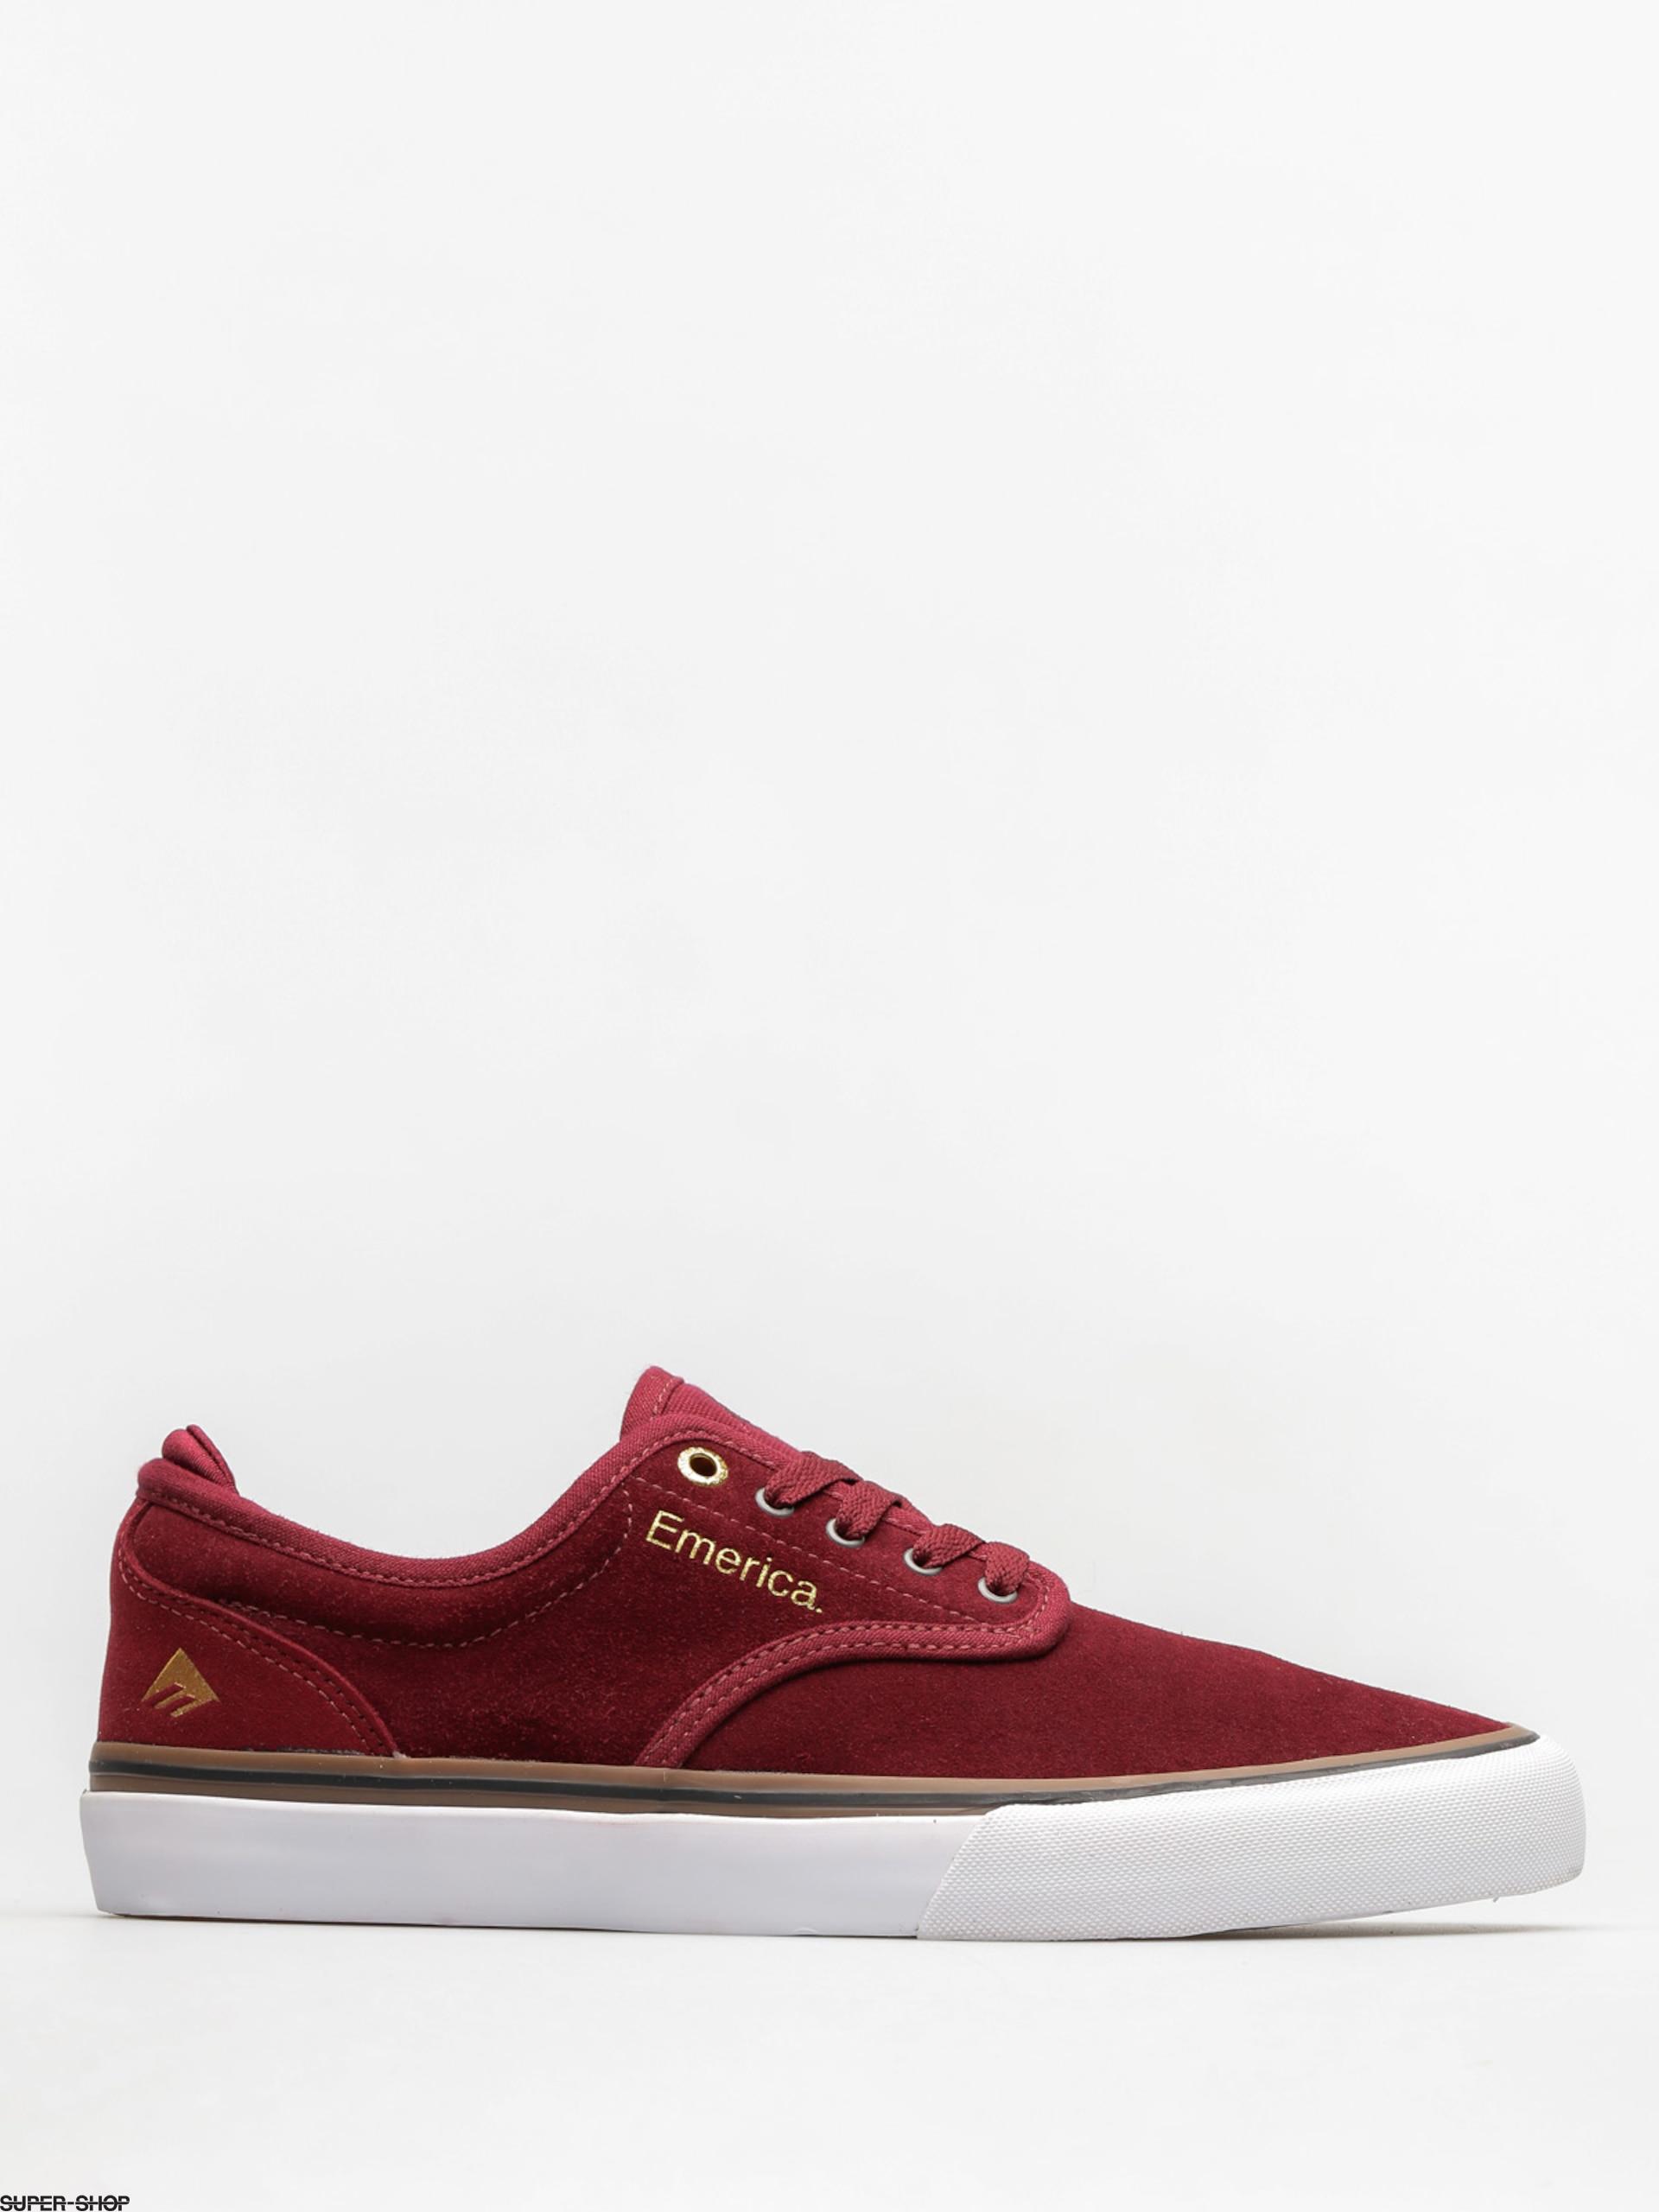 Emerica Shoes Wino G6 (burgundy/white)